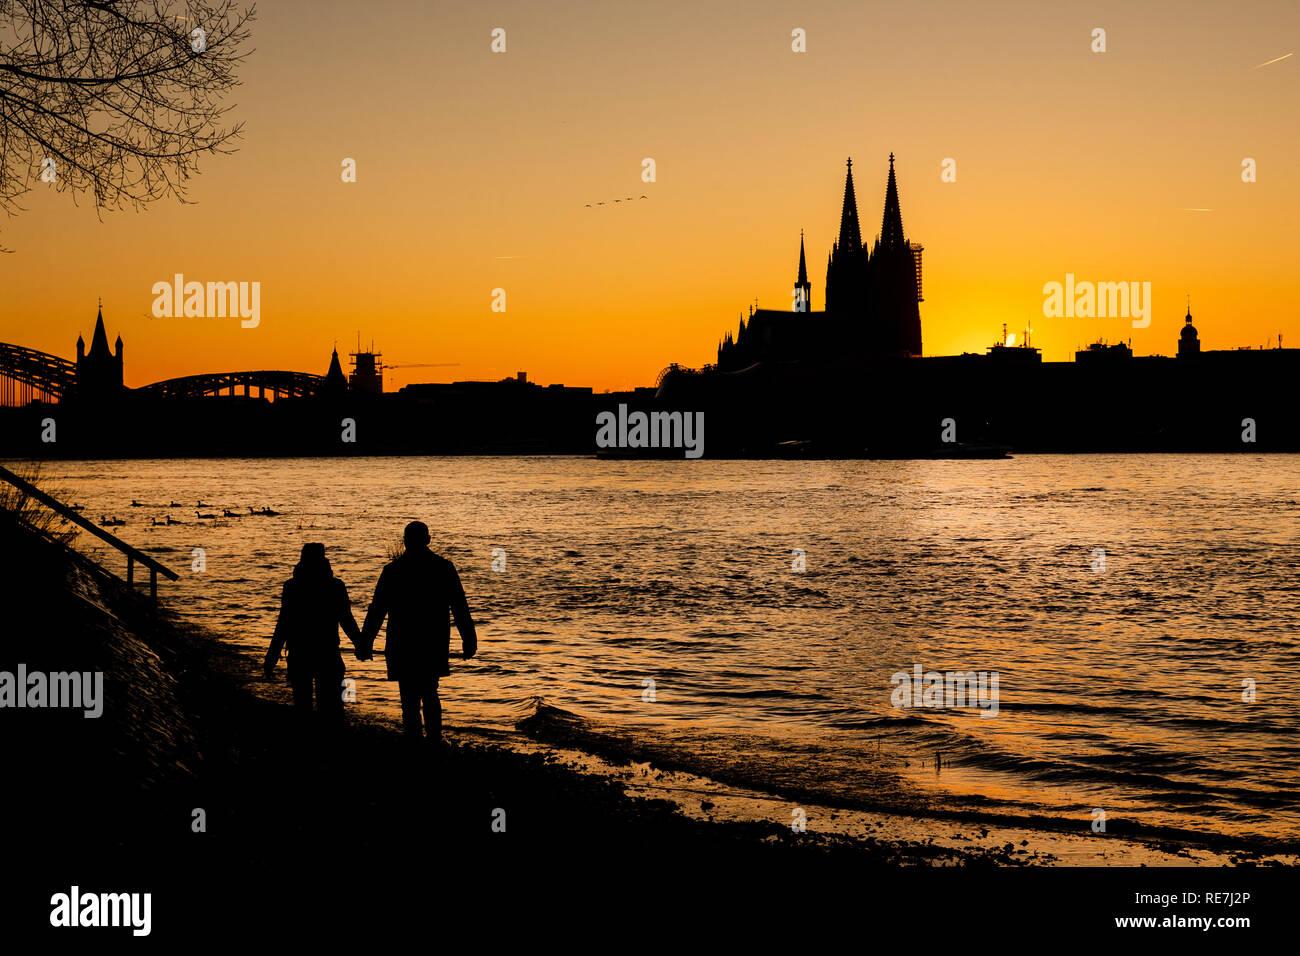 Ein Paar spaziert bei Sonnenuntergang am Ufer des Rheins. Im Hintergrund zeichnet sich der Kölner Dom ab. - Stock Image